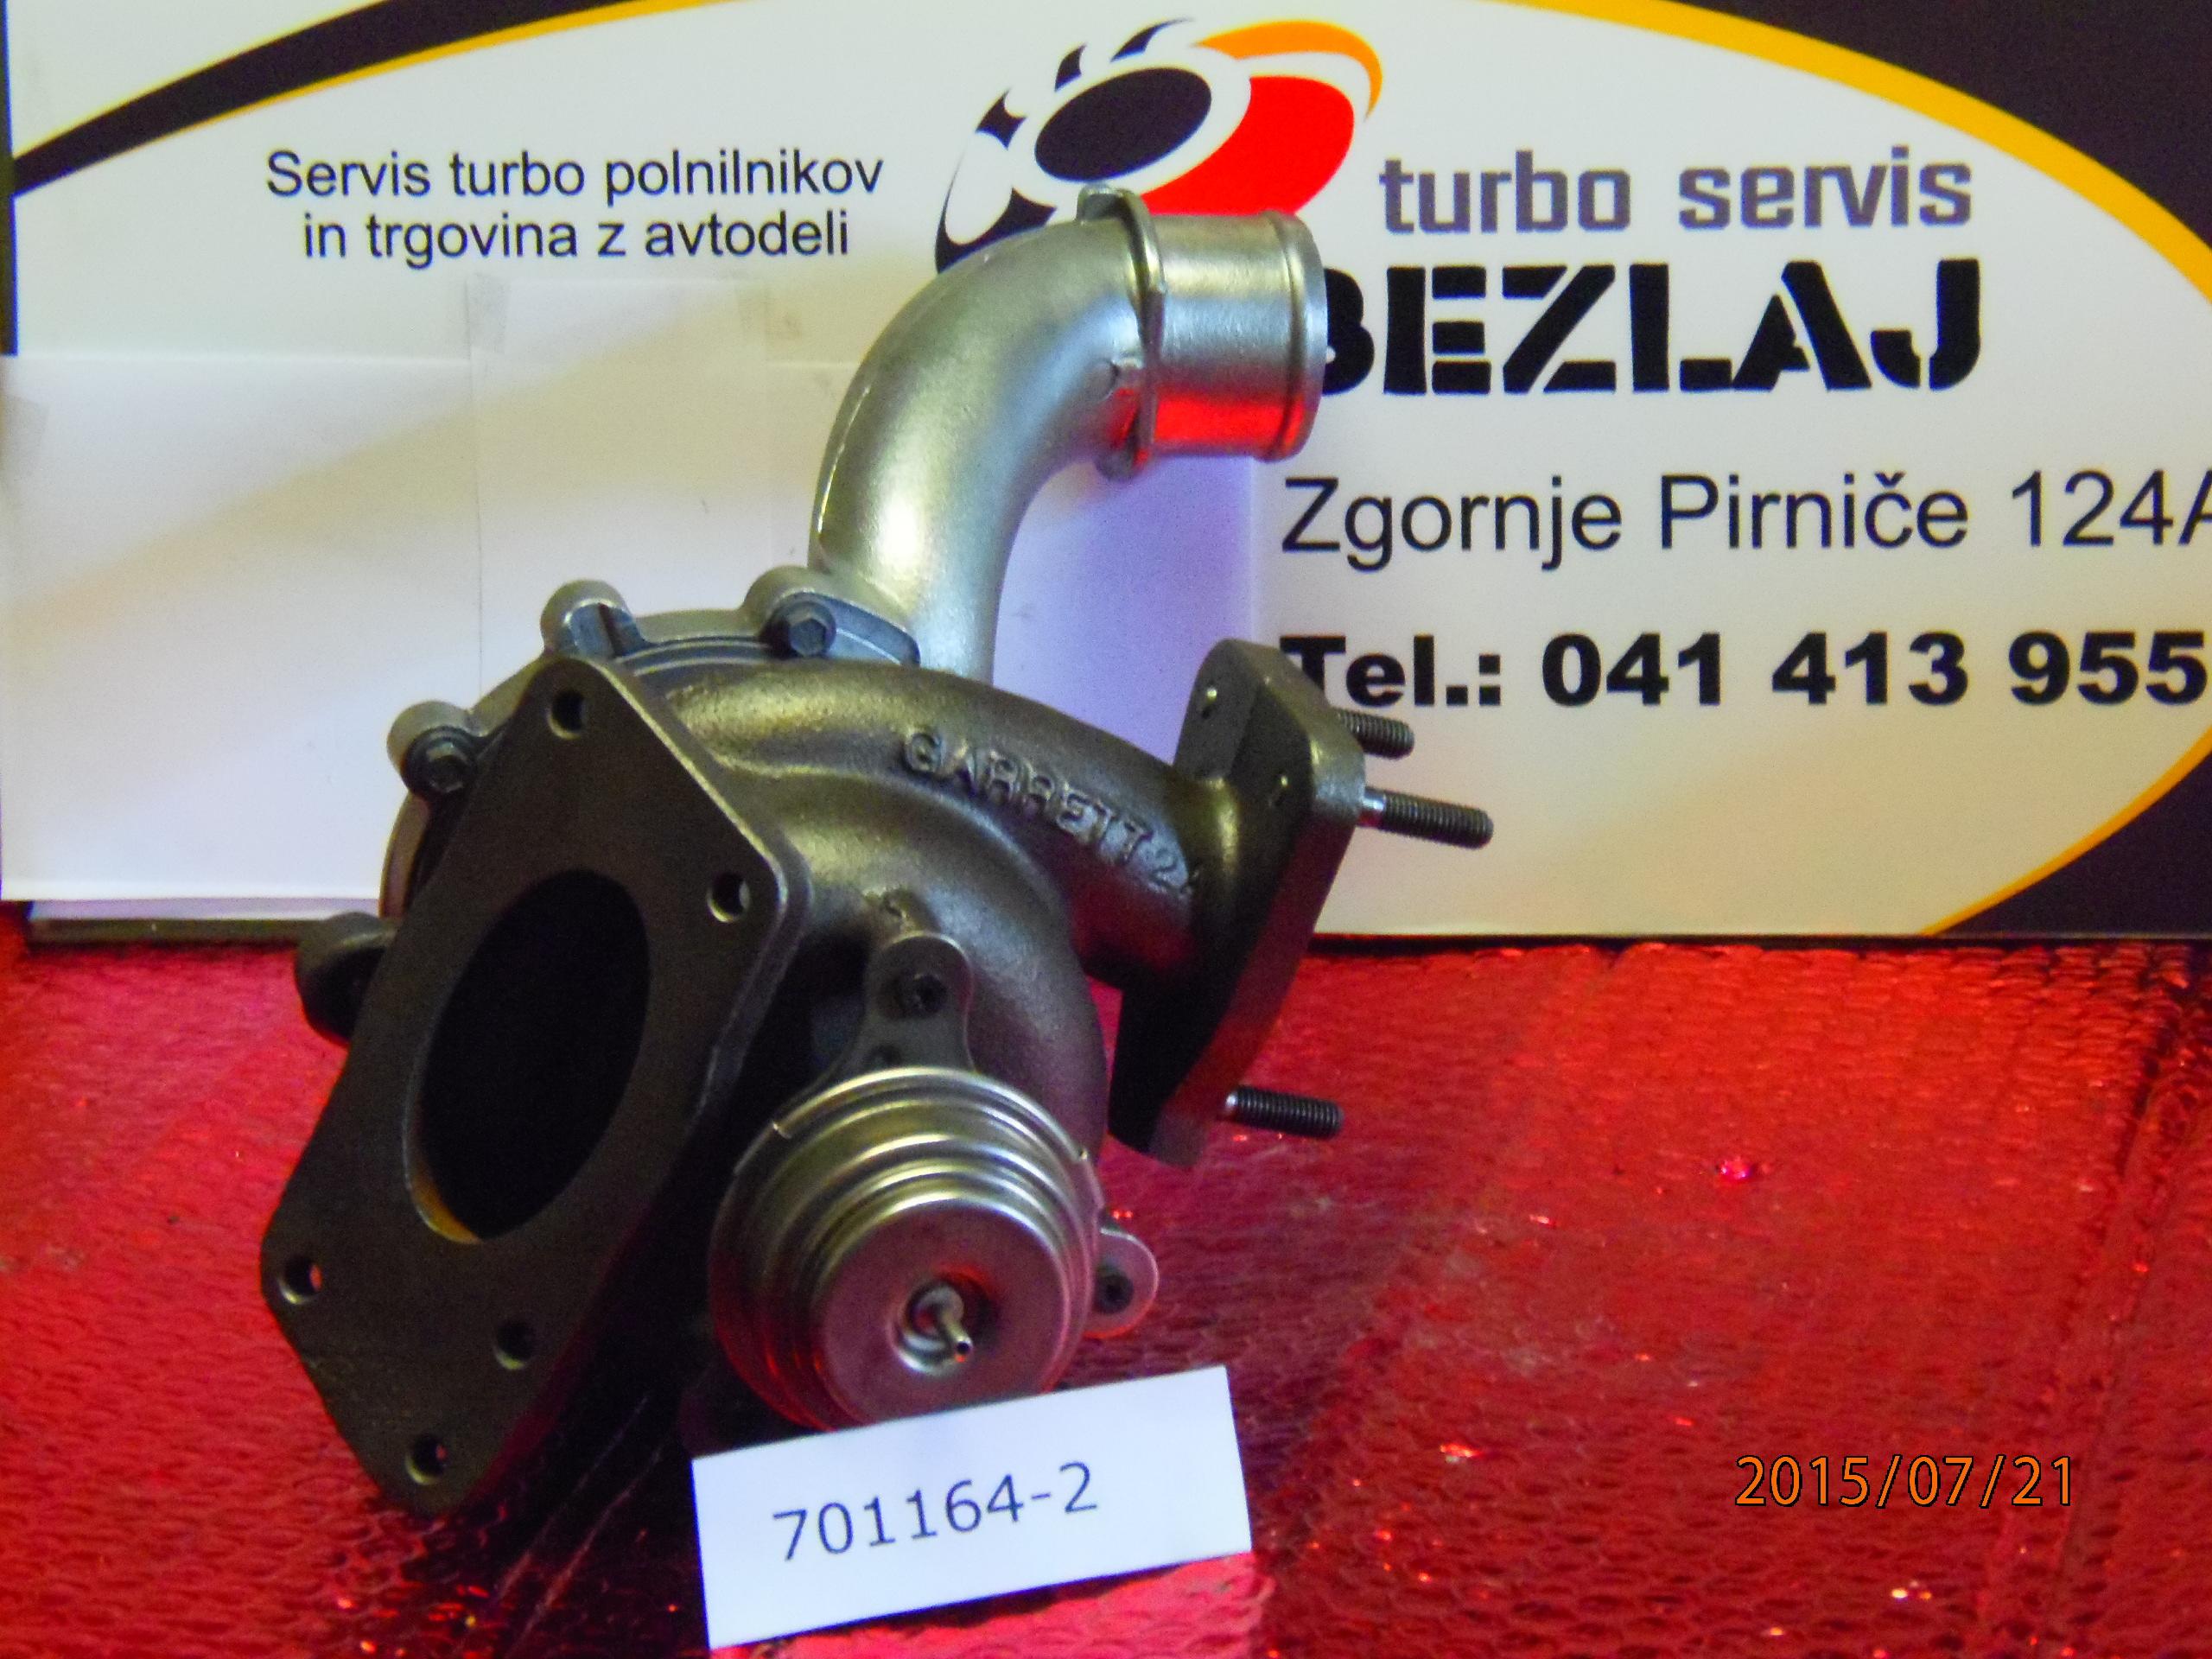 turbo701164-2 (3)